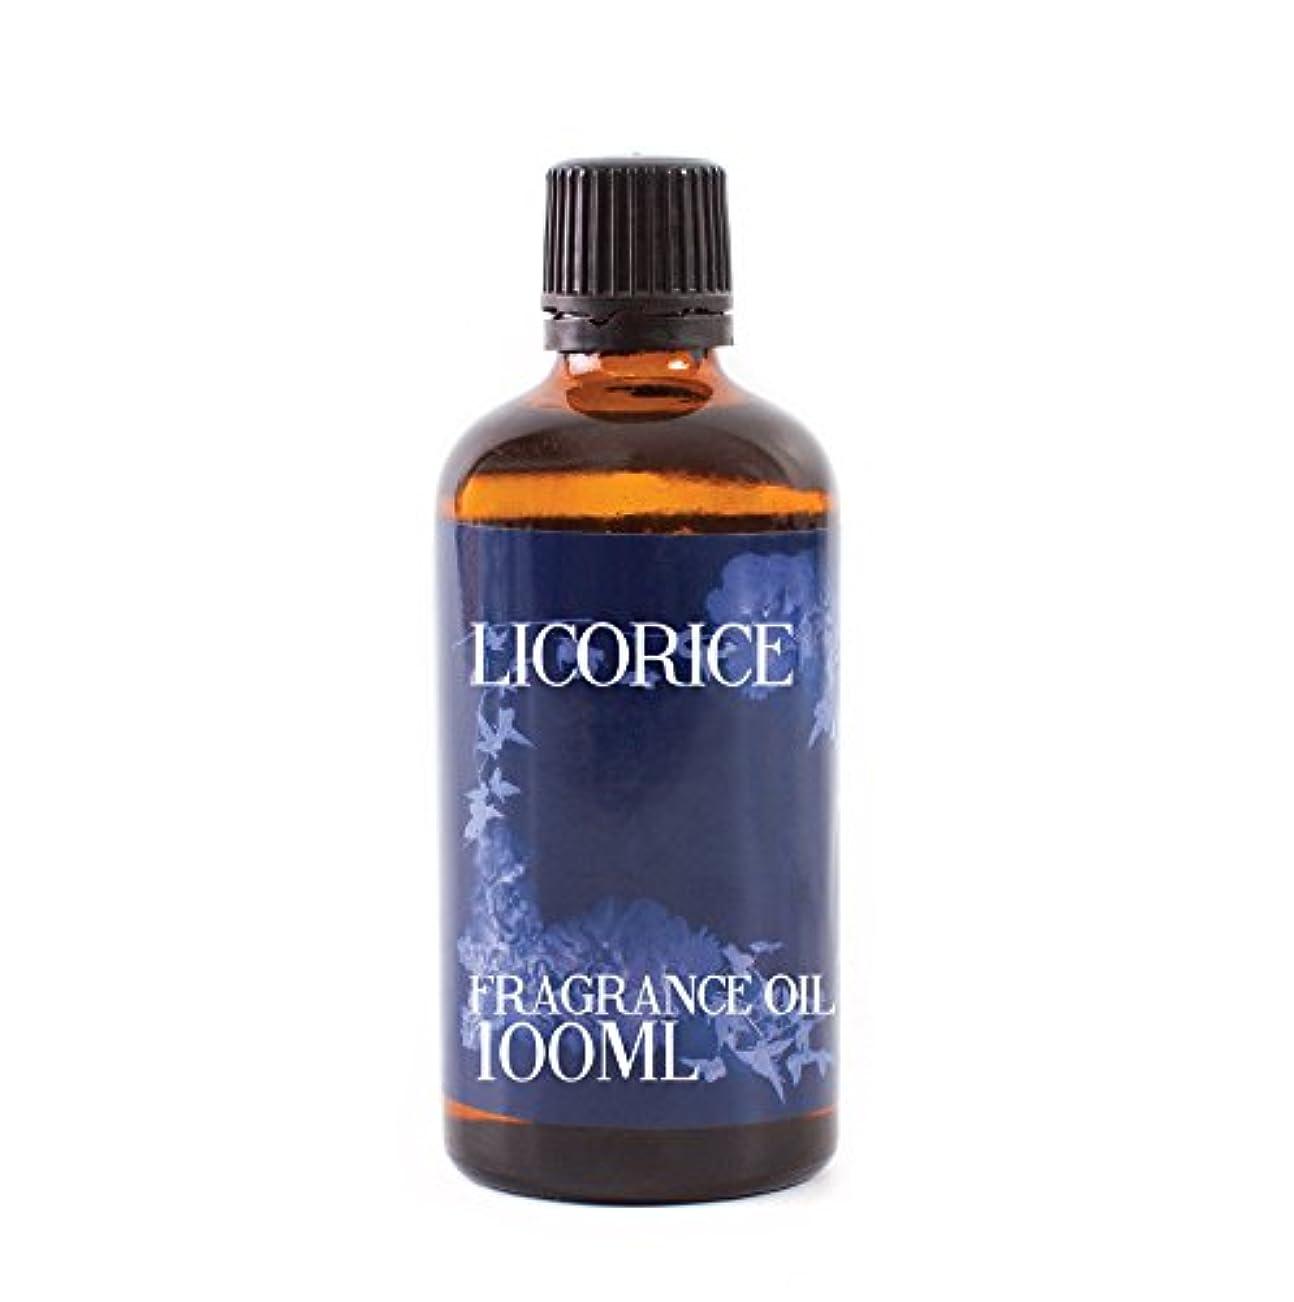 アグネスグレイ剣欠かせないMsytic Moments | Licorice Fragrance Oil - 100ml